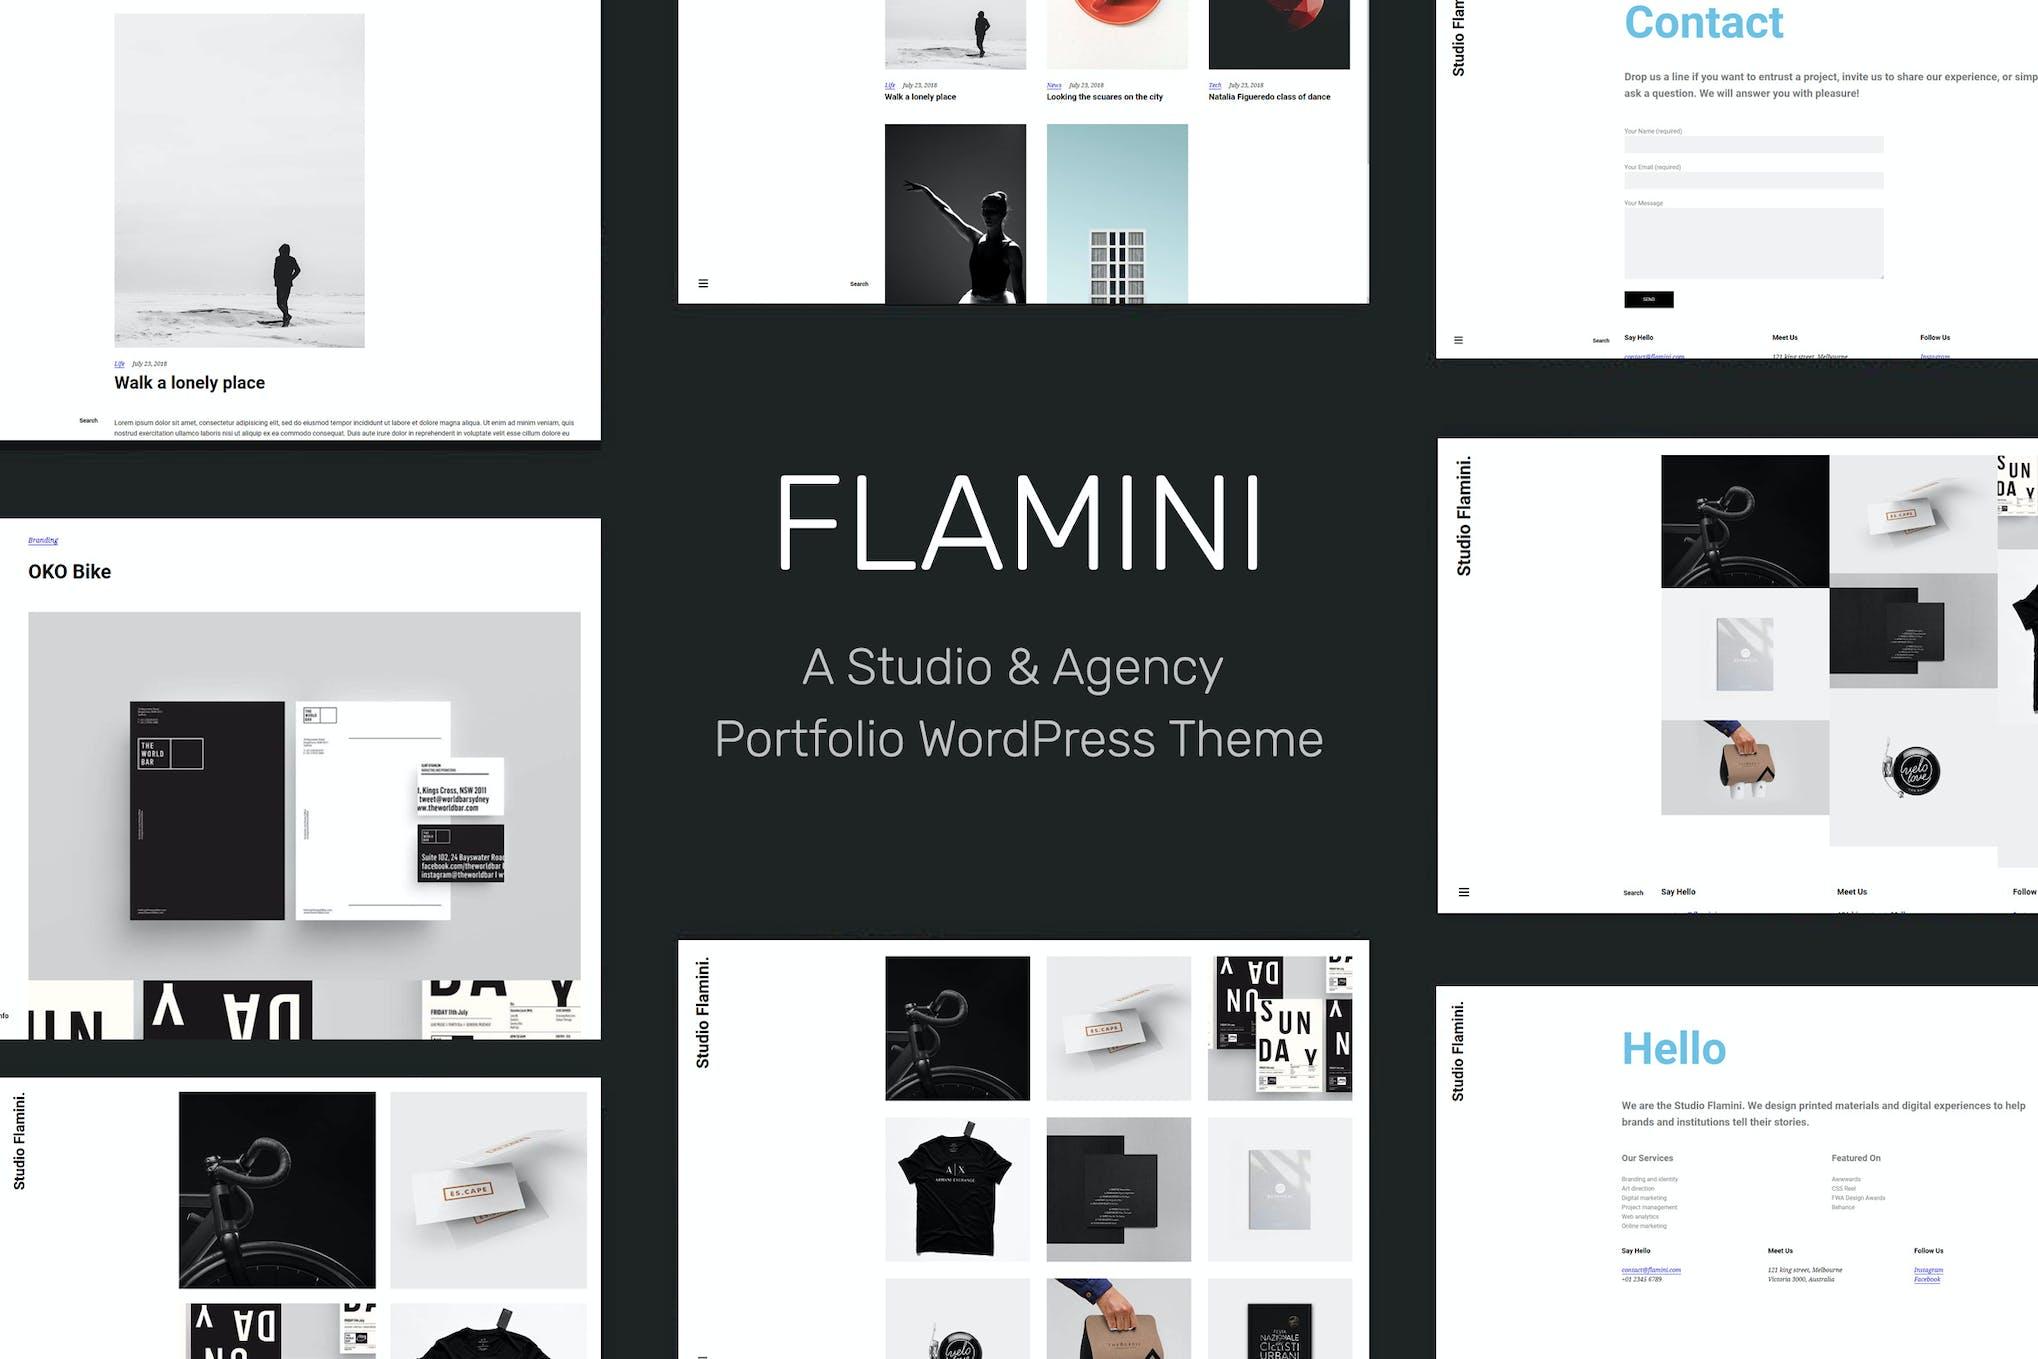 Flamini - Studio/Agency Portfolio WordPress Theme